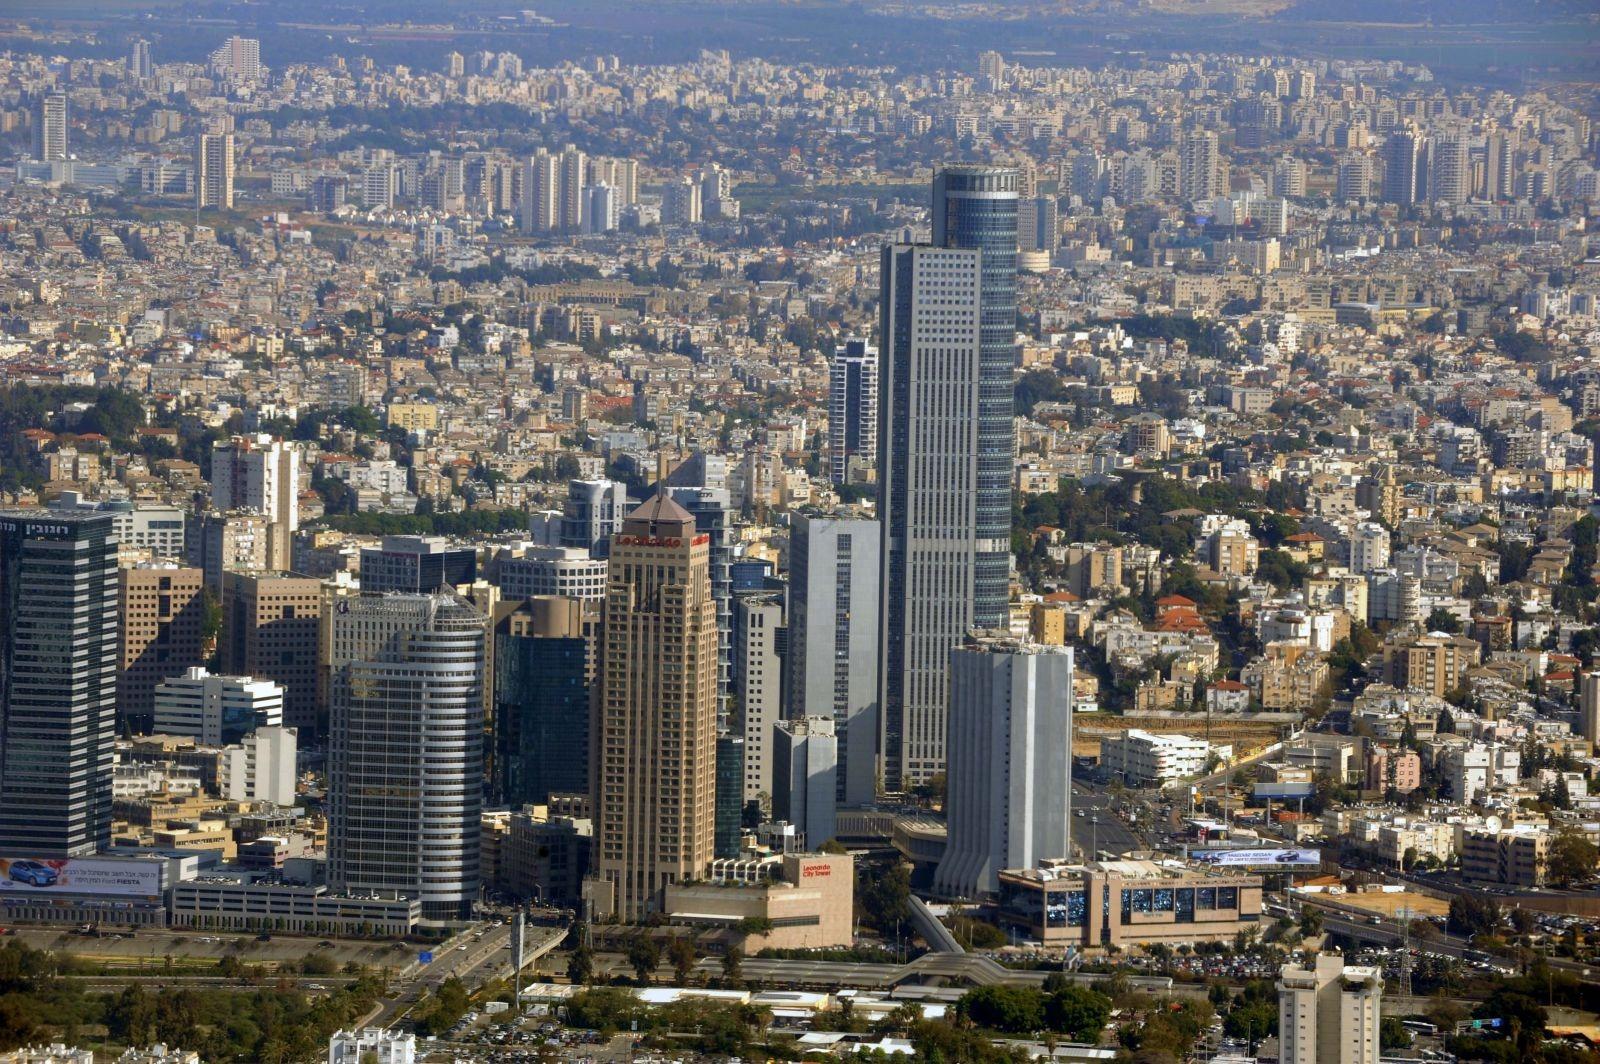 http://shbabbek.com/upload/قائمة المدن الأغلى في الشرق الأوسط.. تل أبيب في المقدمة والقاهرة الأخيرة